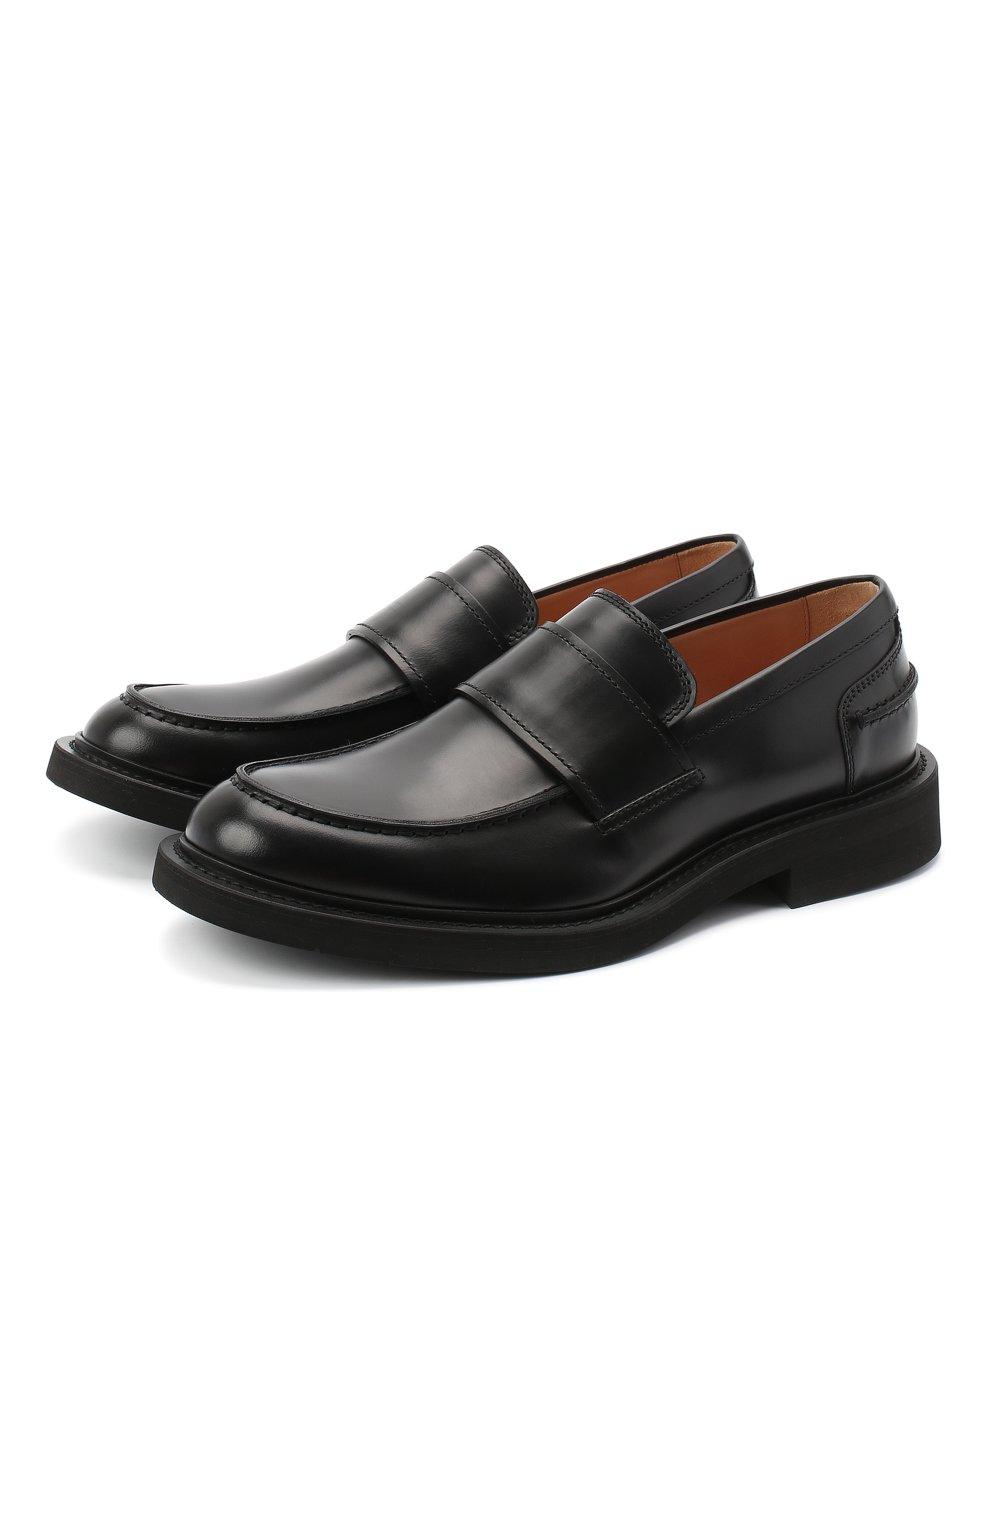 Мужские кожаные лоферы bv level BOTTEGA VENETA черного цвета, арт. 631300/VBS30   Фото 1 (Мужское Кросс-КТ: Лоферы-обувь; Материал внутренний: Натуральная кожа; Стили: Кэжуэл)